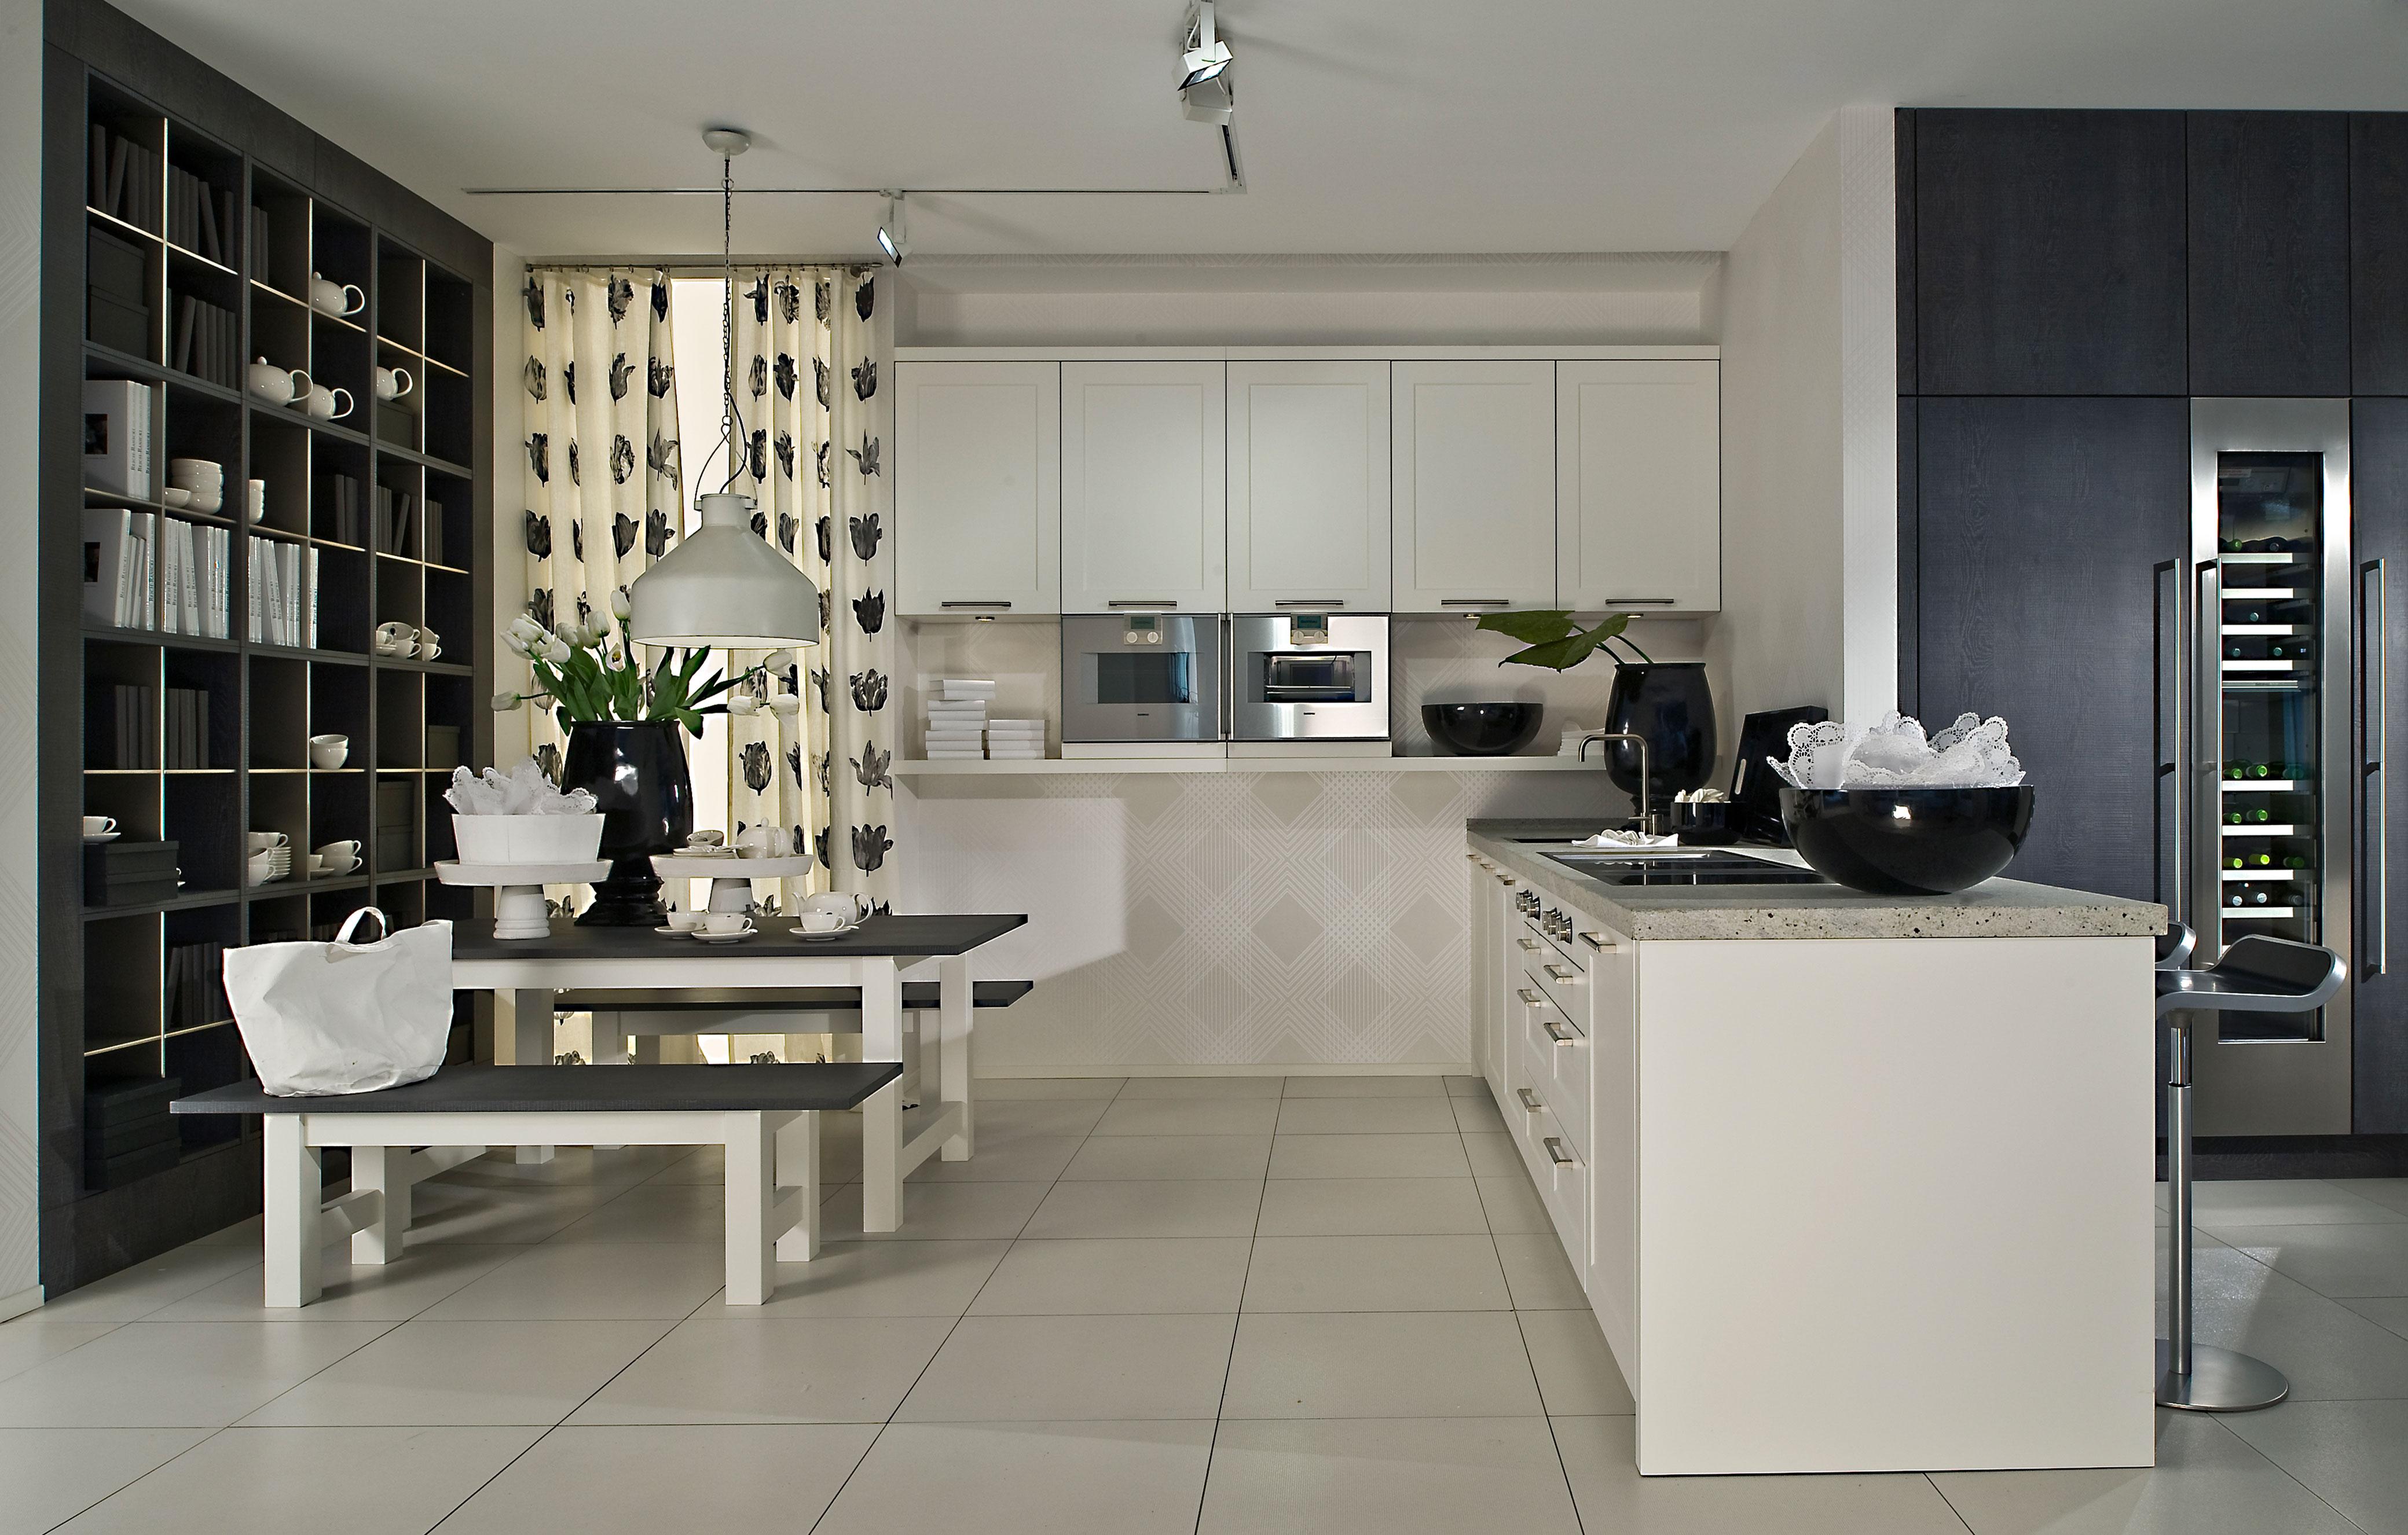 Küchen ART's featured image